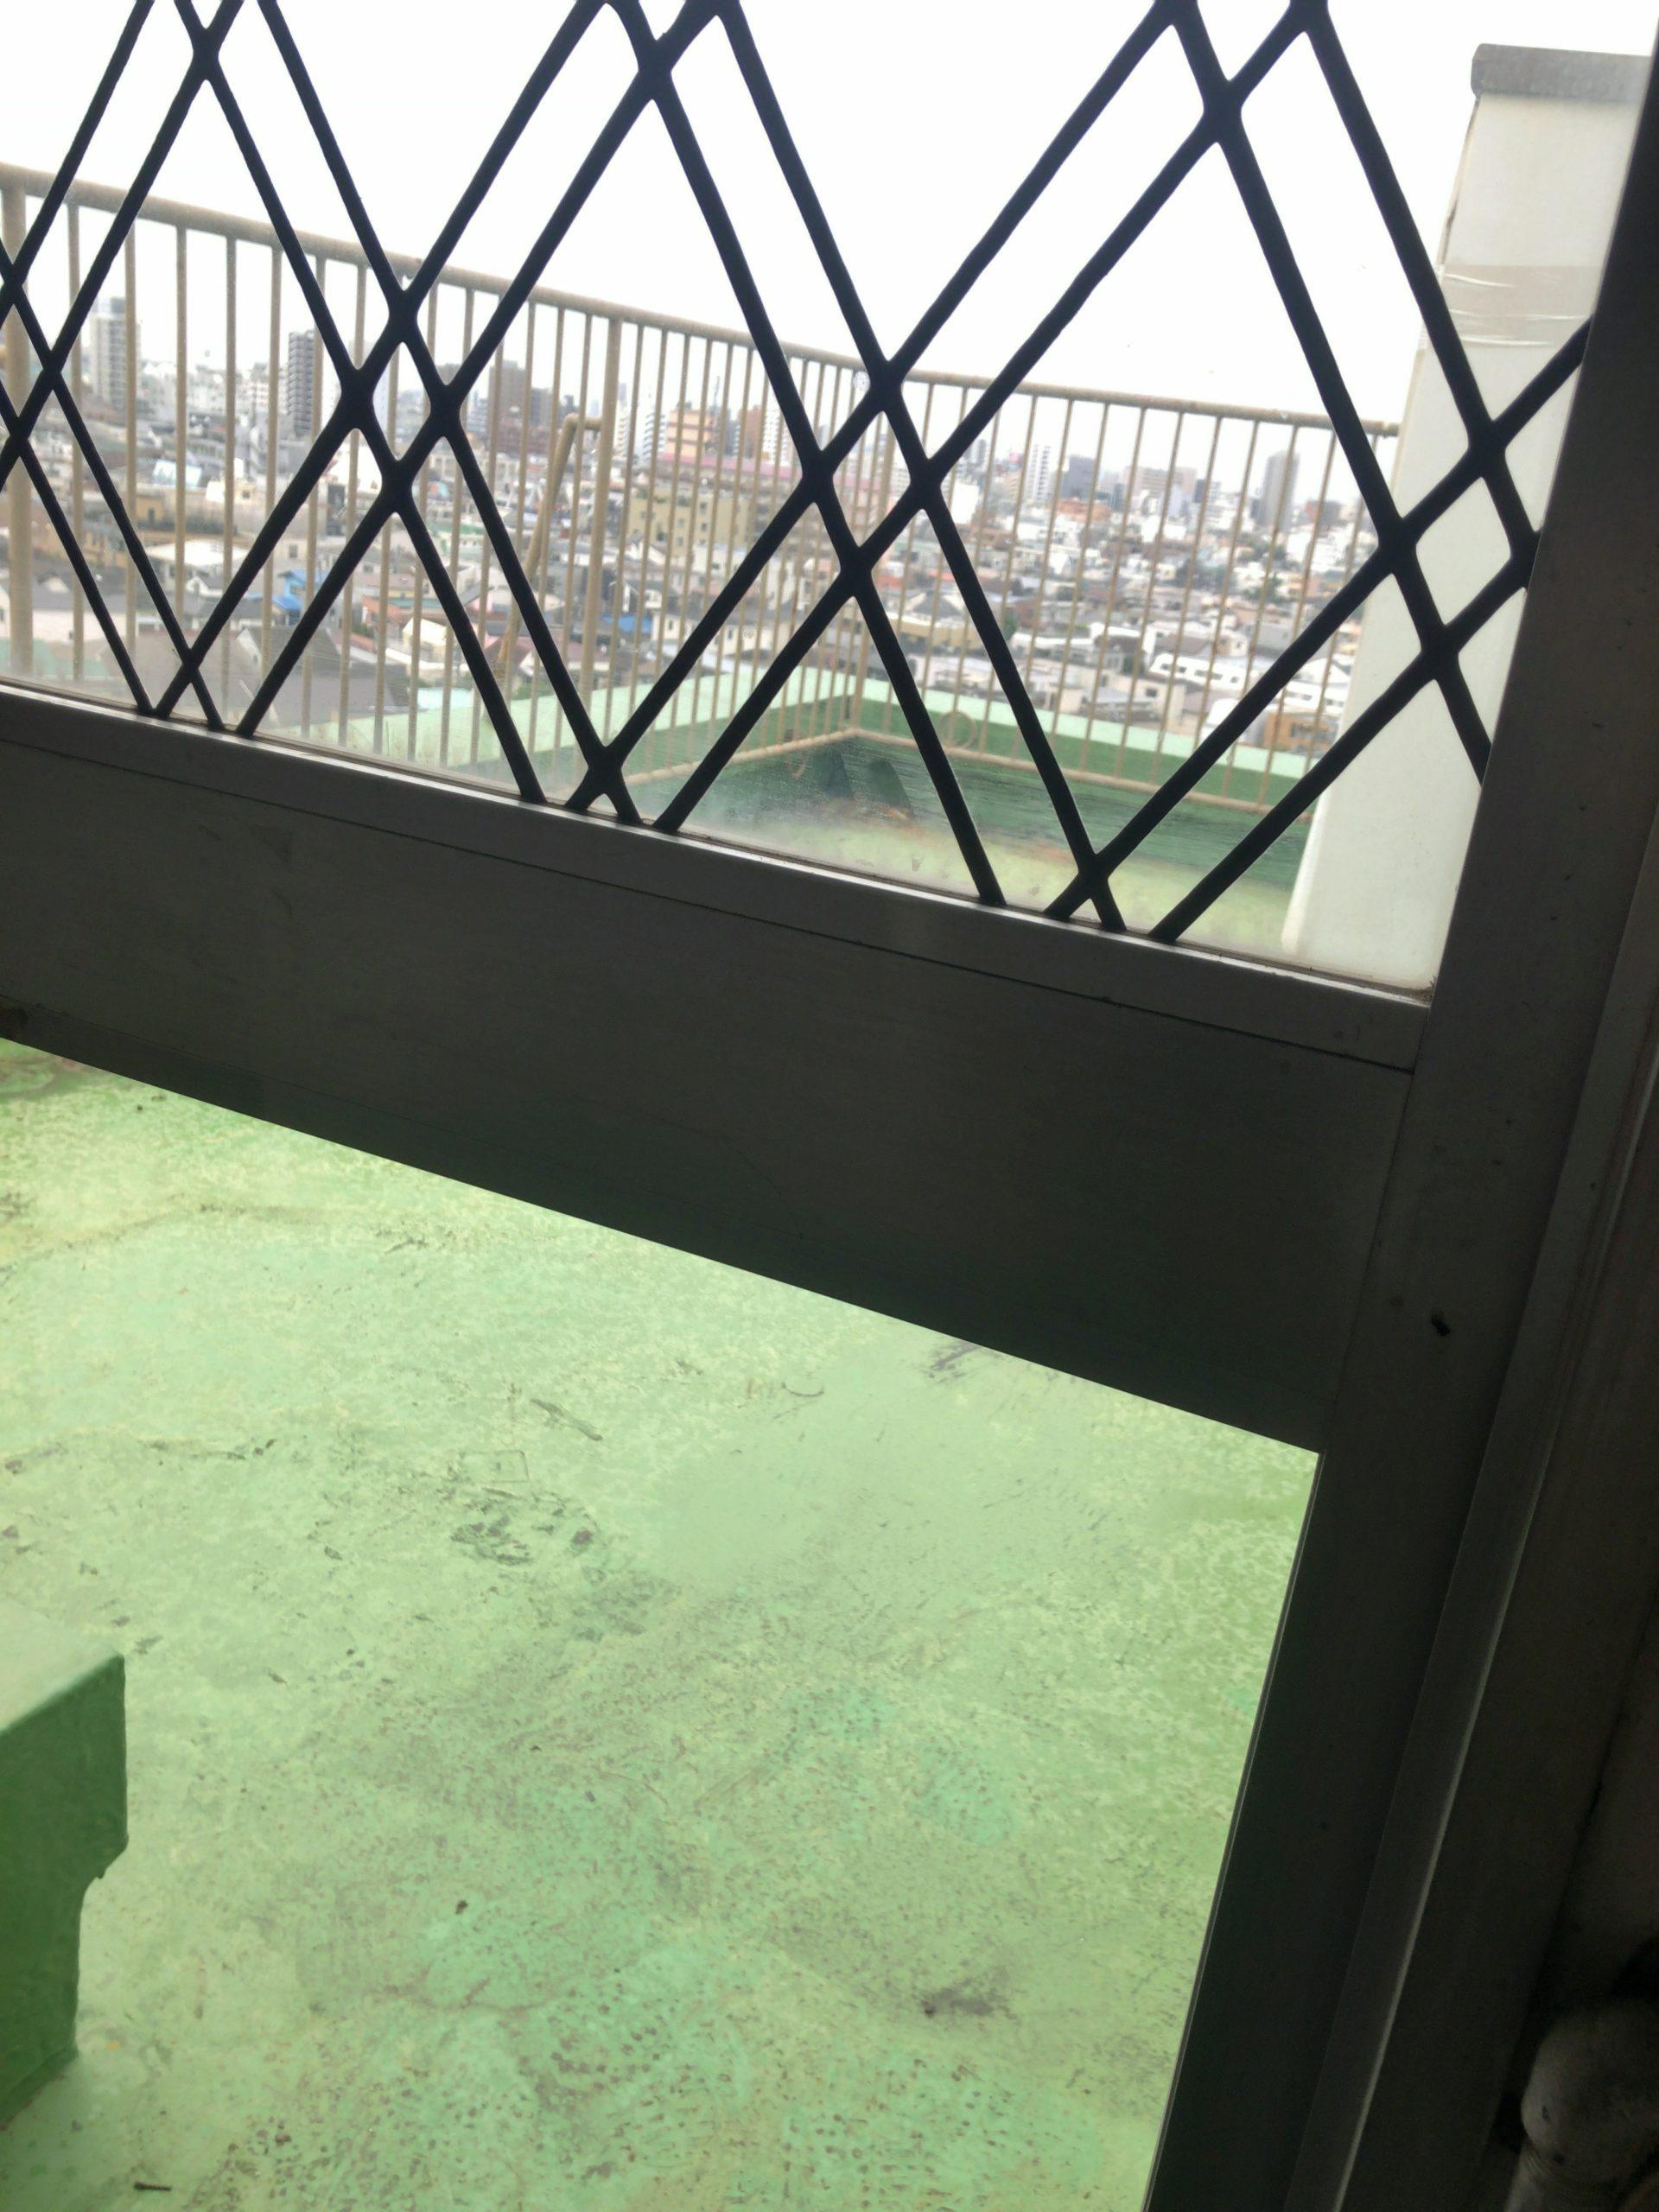 理想のおうちスタジオに向かっての第一歩。窓ガラスの修理が済みました。